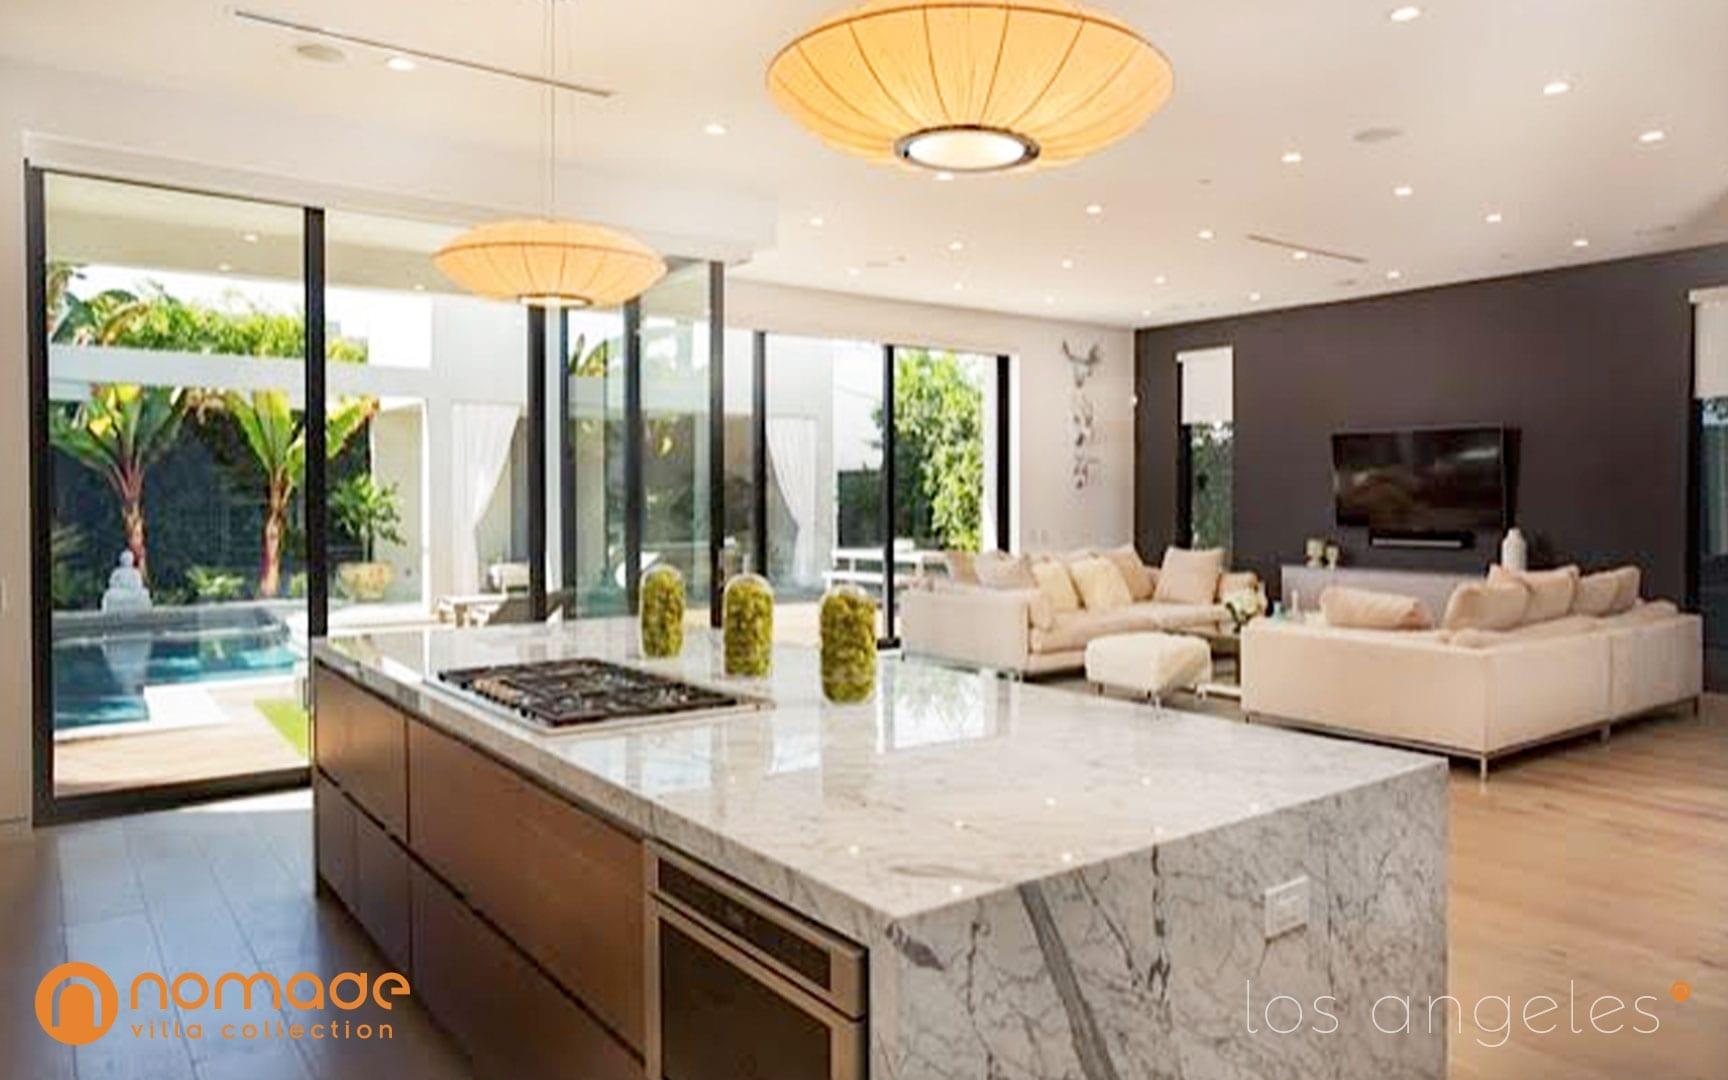 Casa Sycamore Los Angeles Mansion Rental   Nomade Villa Collection